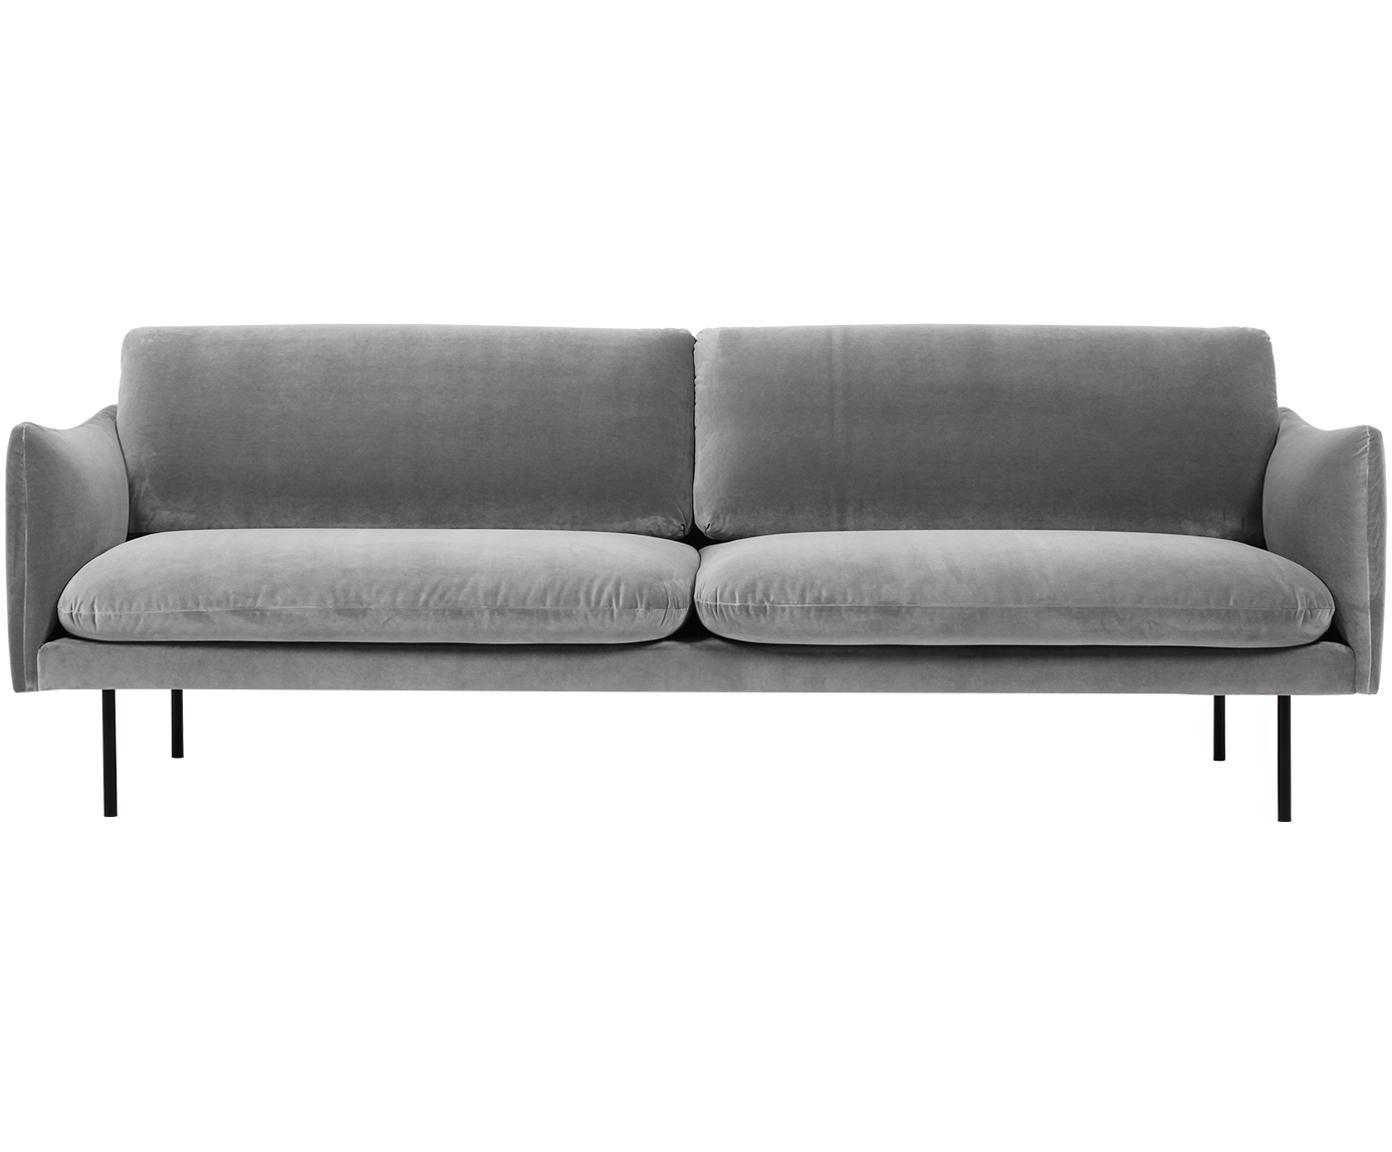 Sofa z aksamitu Moby (3-osobowa), Tapicerka: aksamit (wysokiej jakości, Stelaż: lite drewno sosnowe, Nogi: metal malowany proszkowo, Szary, S 220 x G 95 cm